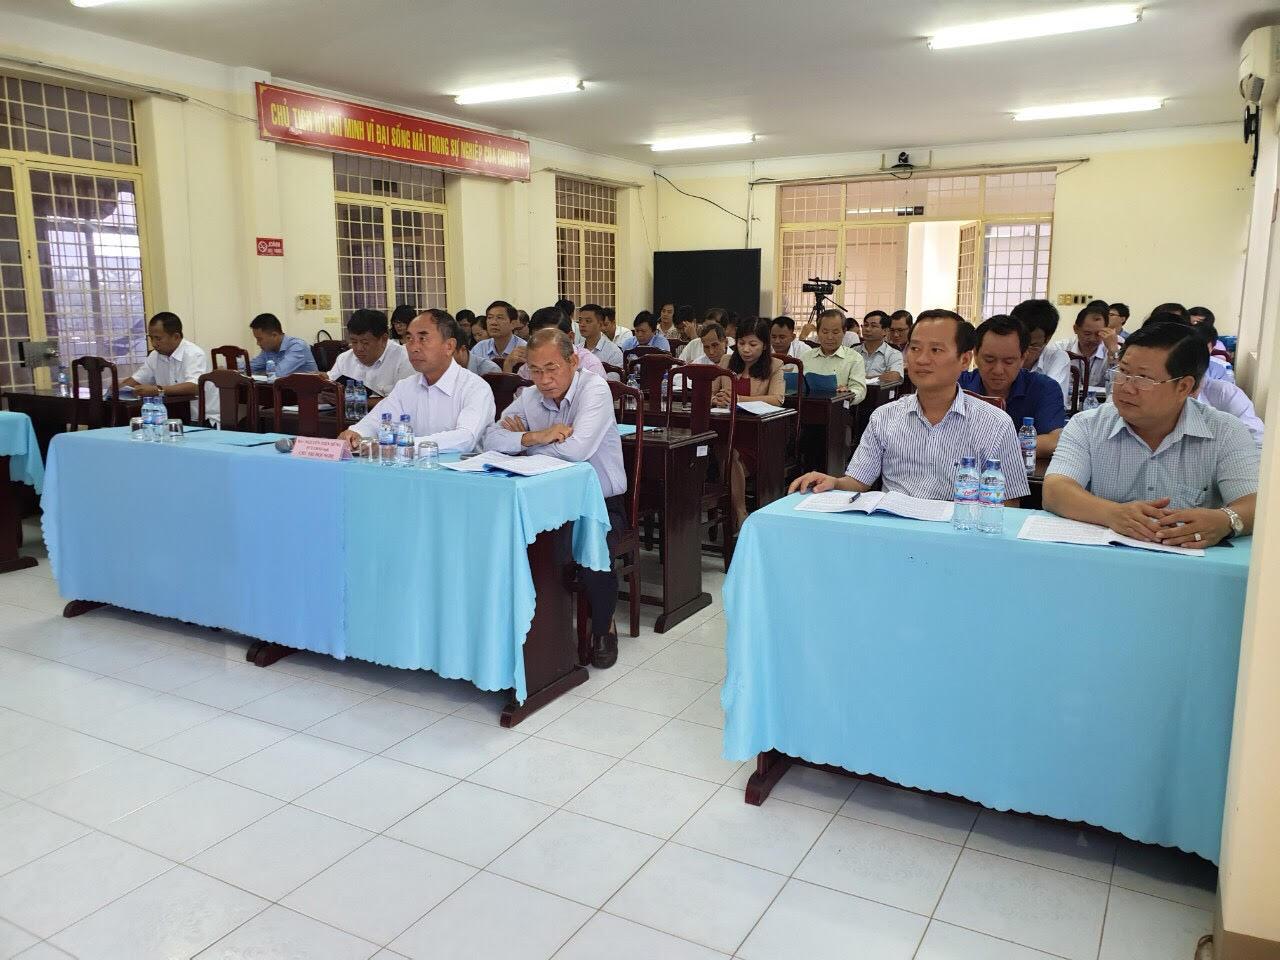 Hội nghị Sơ kết 5 năm (2013-2018) thực hiện Quy hoạch phát triển báo chí tỉnh Bình Phước